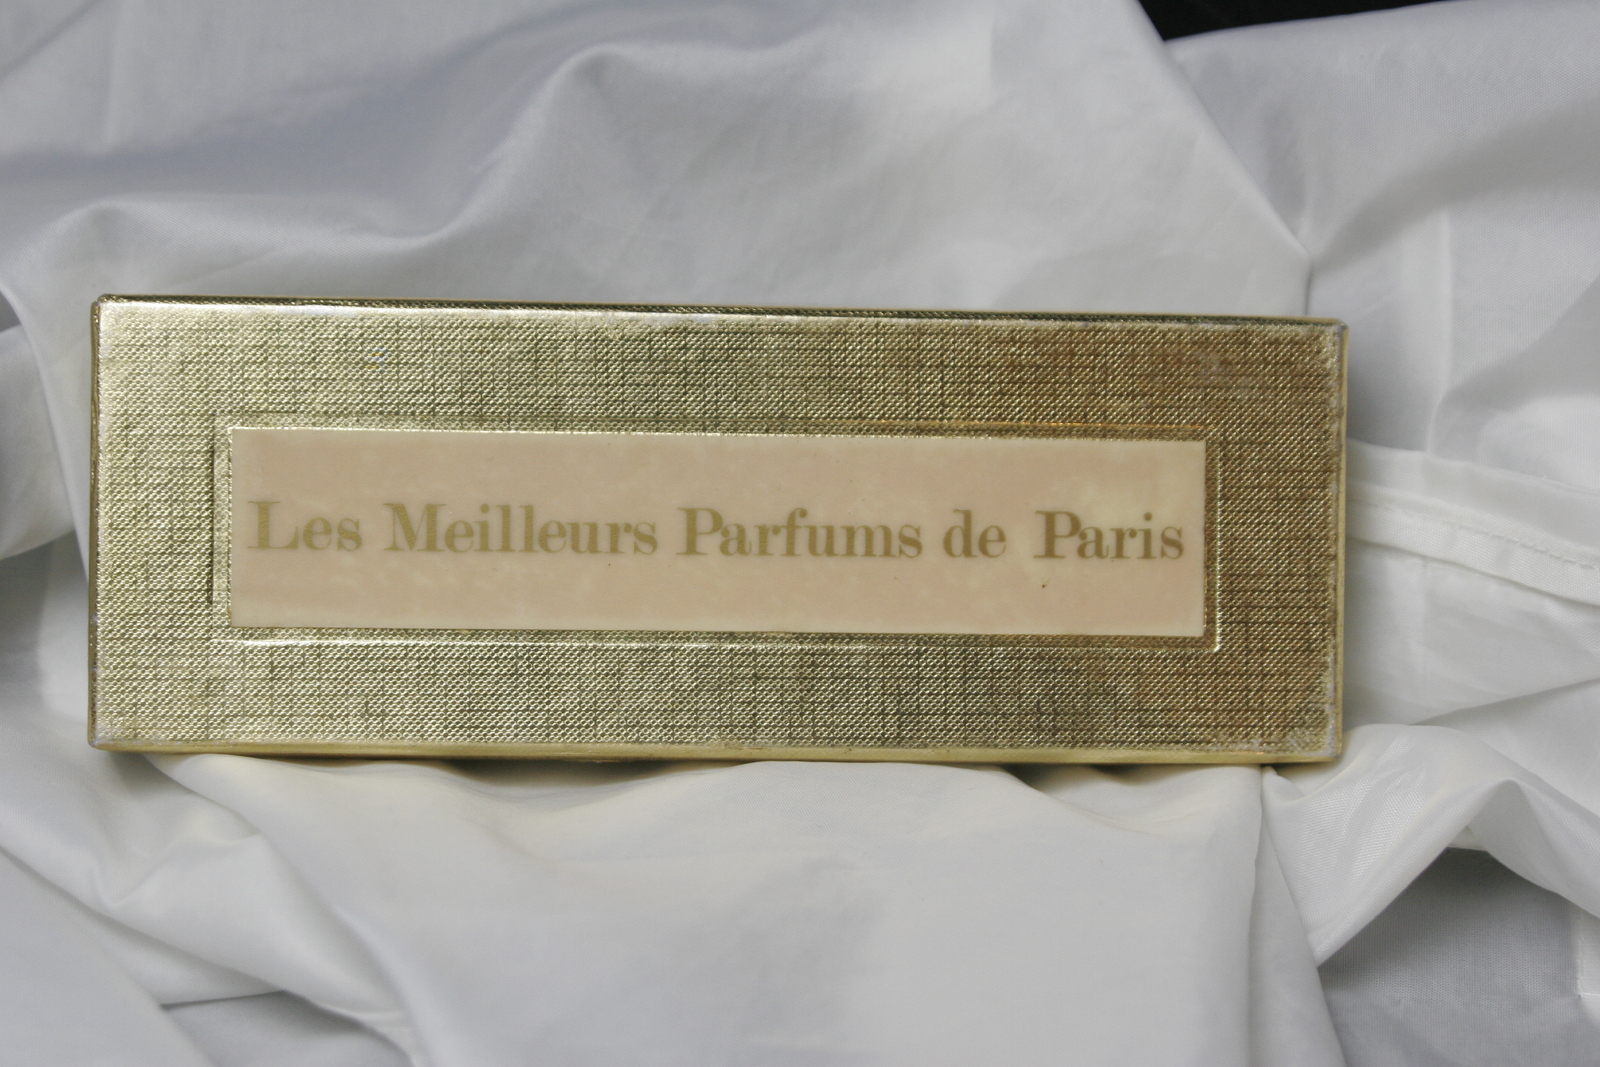 les meilleurs parfums de paris mini perfume gift set 5 in set women. Black Bedroom Furniture Sets. Home Design Ideas